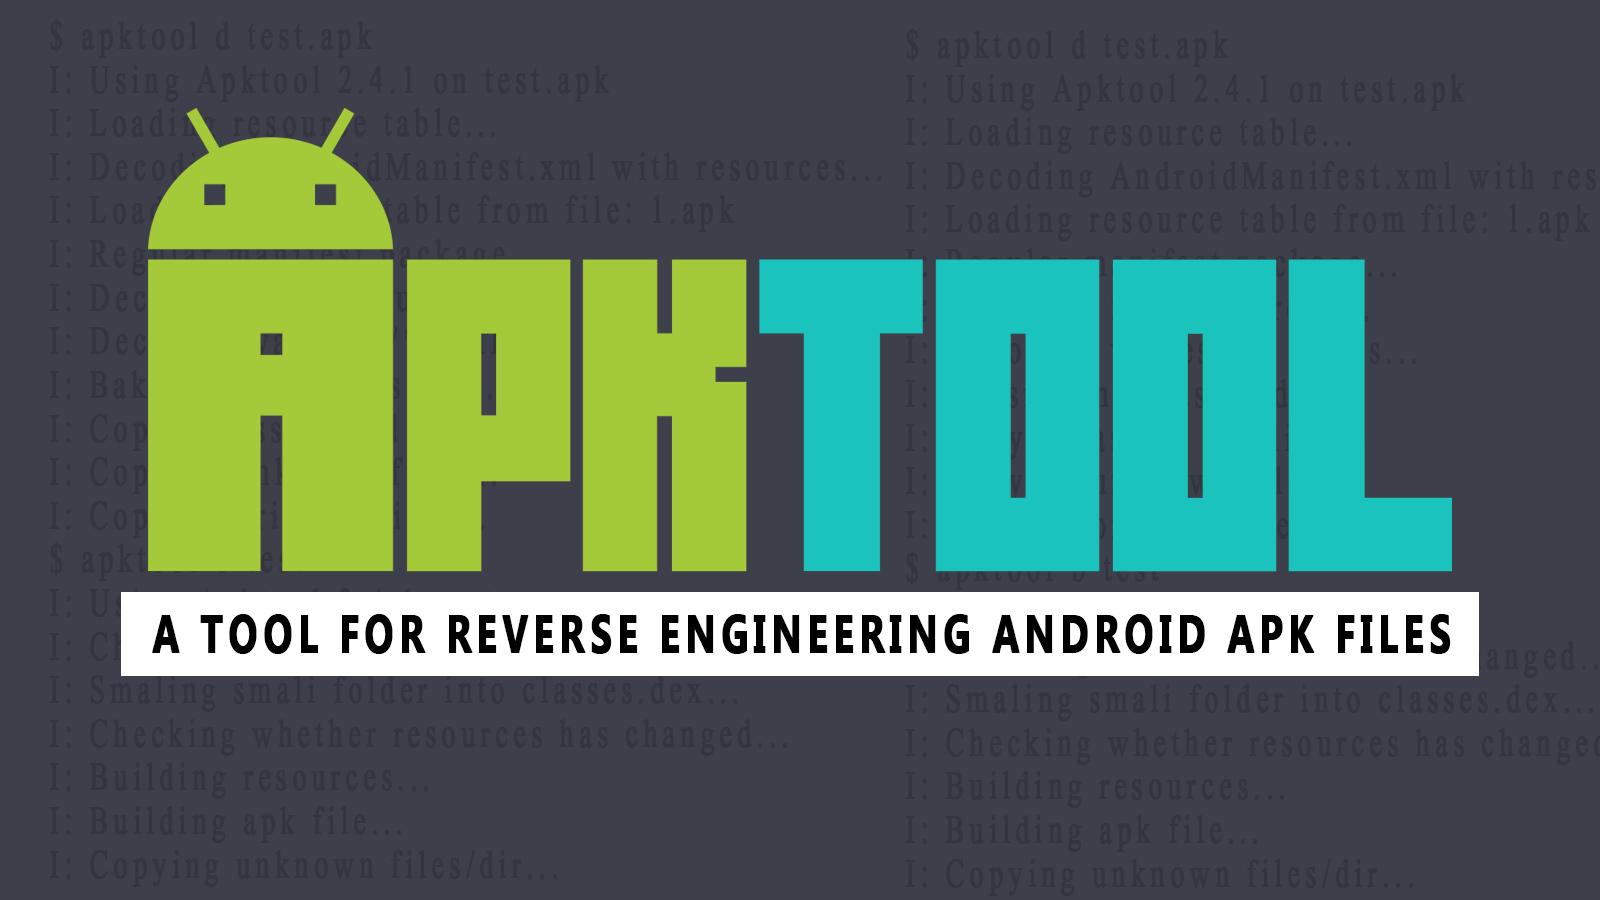 APKTool - रिवर्स इंजीनियरिंग Android APK फ़ाइलों के लिए एक उपकरण